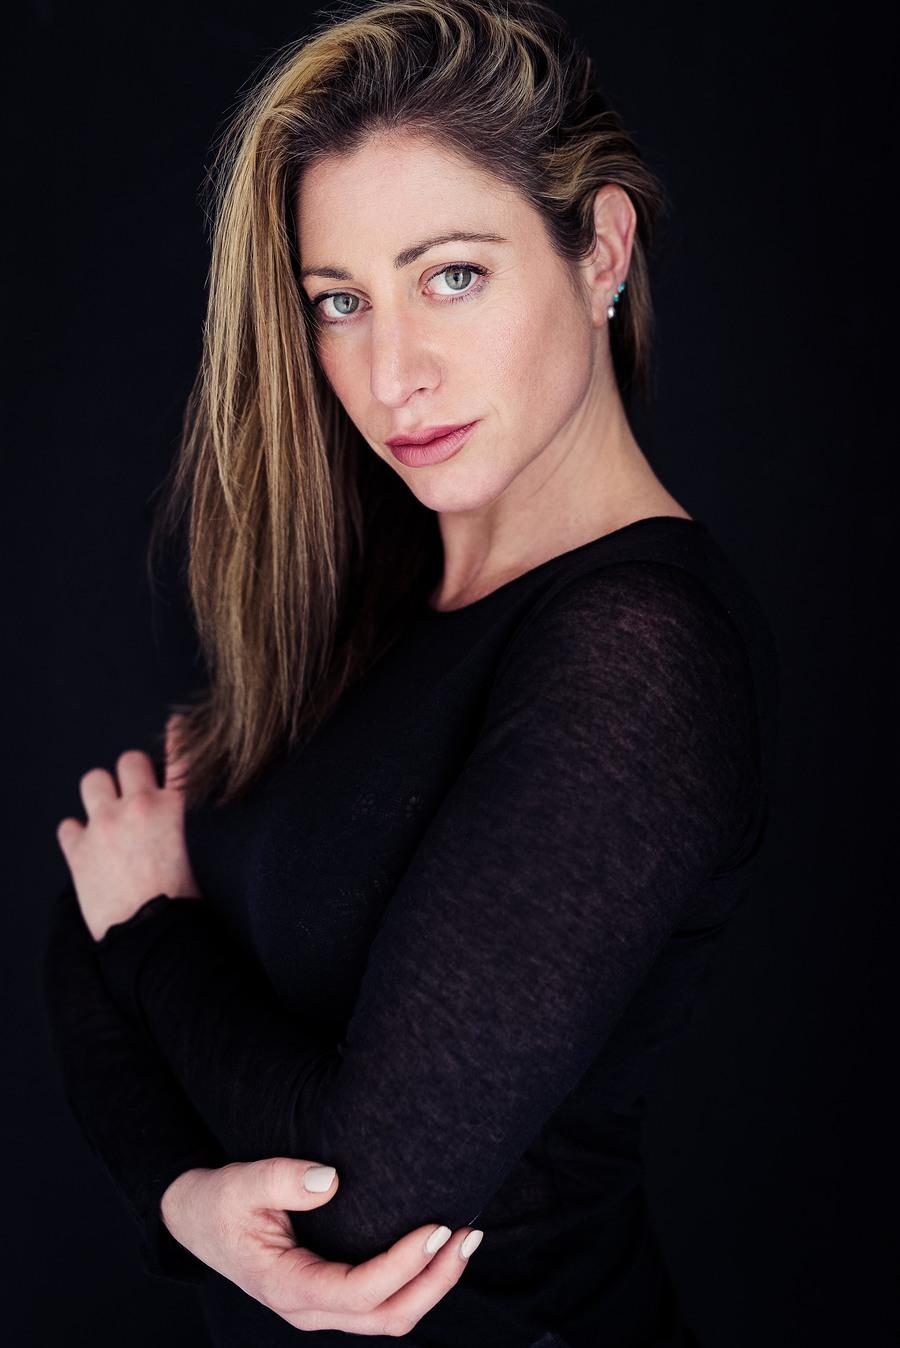 Photography by Rodney Pedroza, Model MayaJP, Makeup by MayaJP / Uploaded 22nd November 2019 @ 04:16 PM